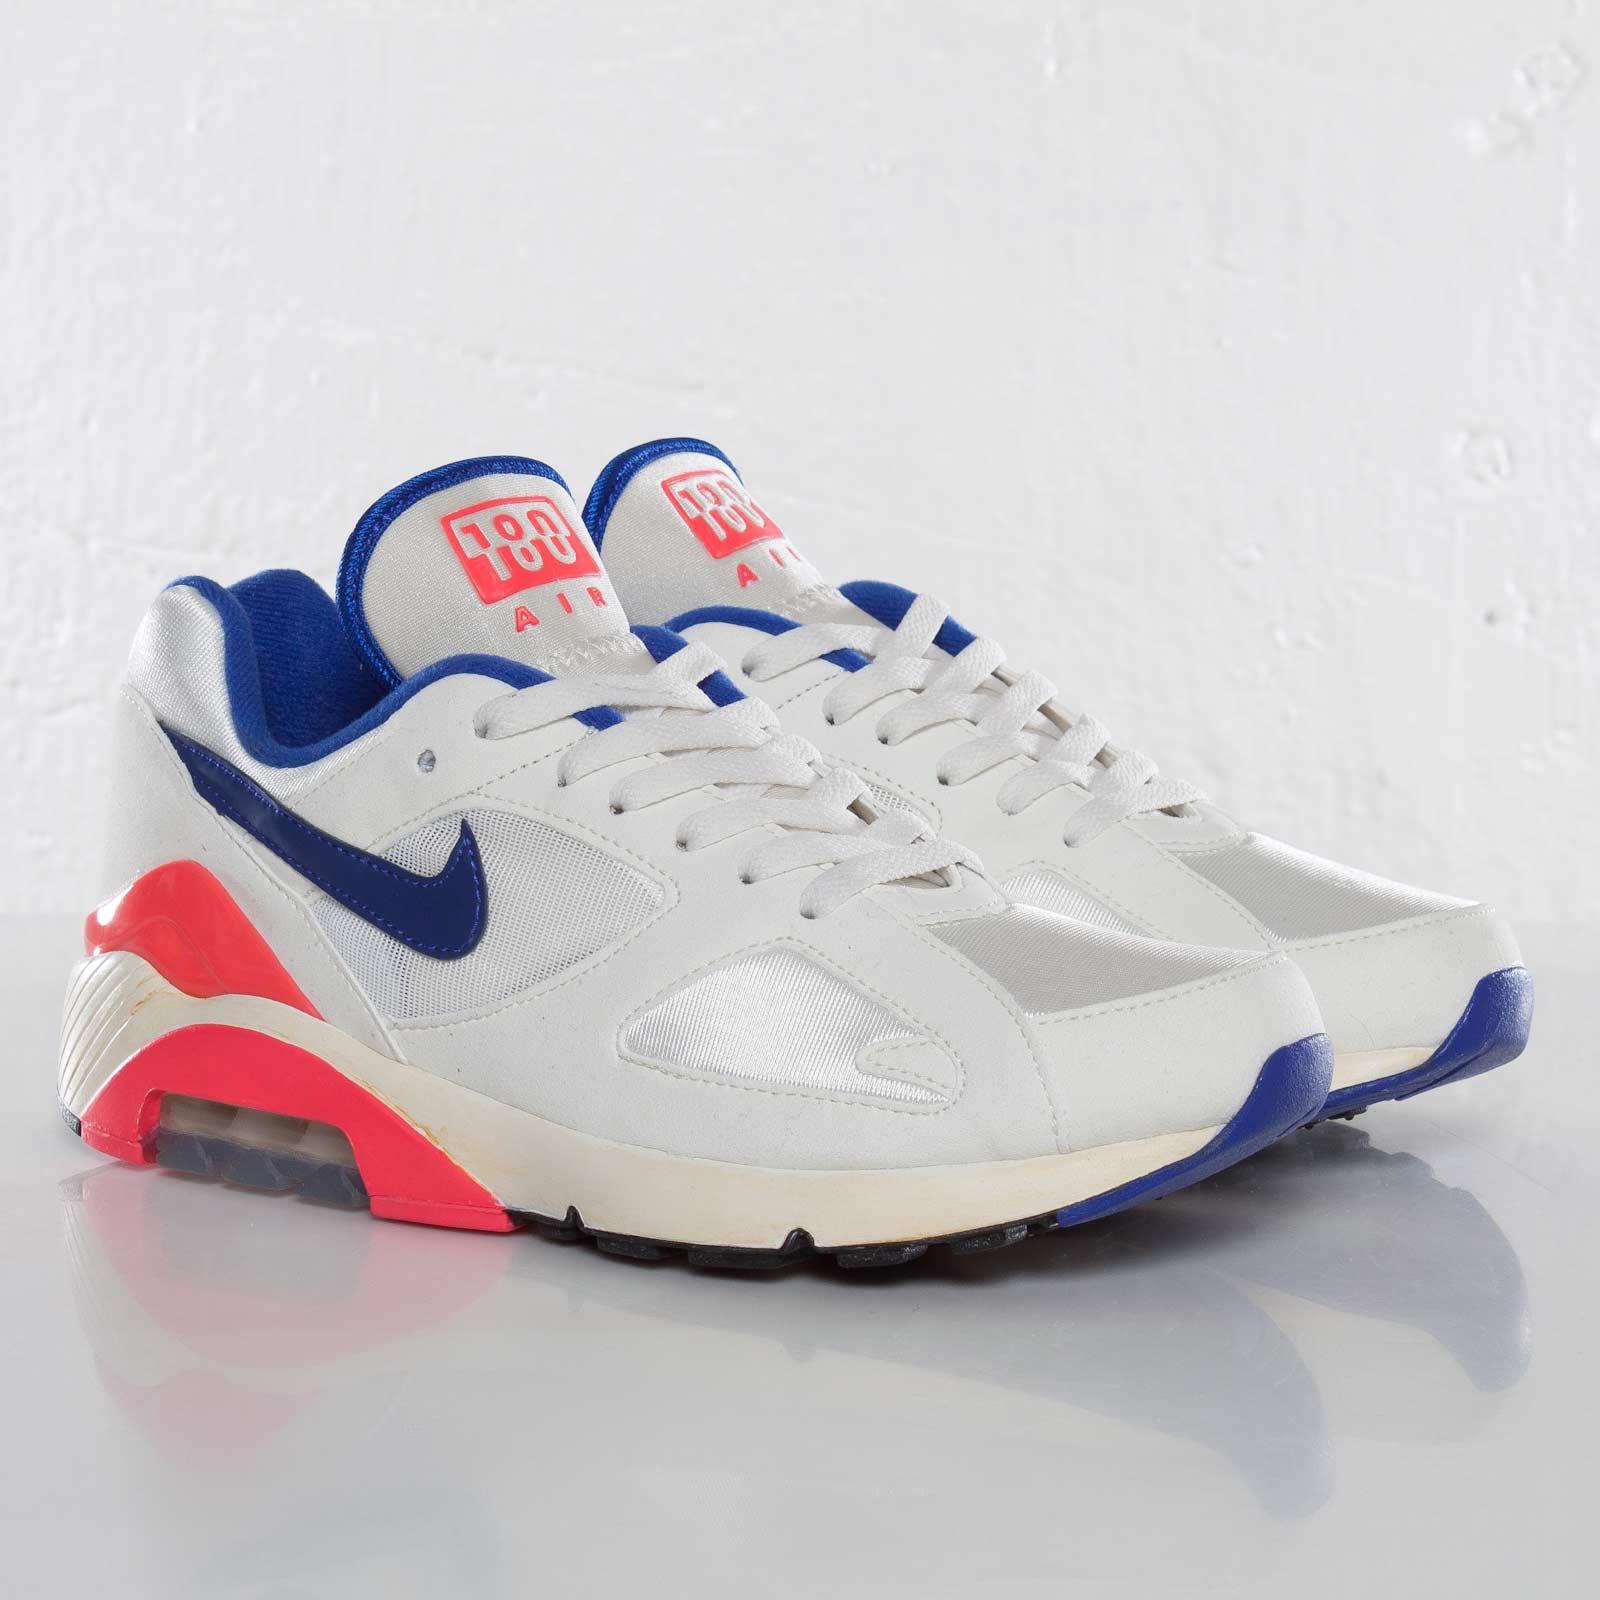 58ff917935 Nike Air 180 OG - 559604-146 - Sneakersnstuff | sneakers ...